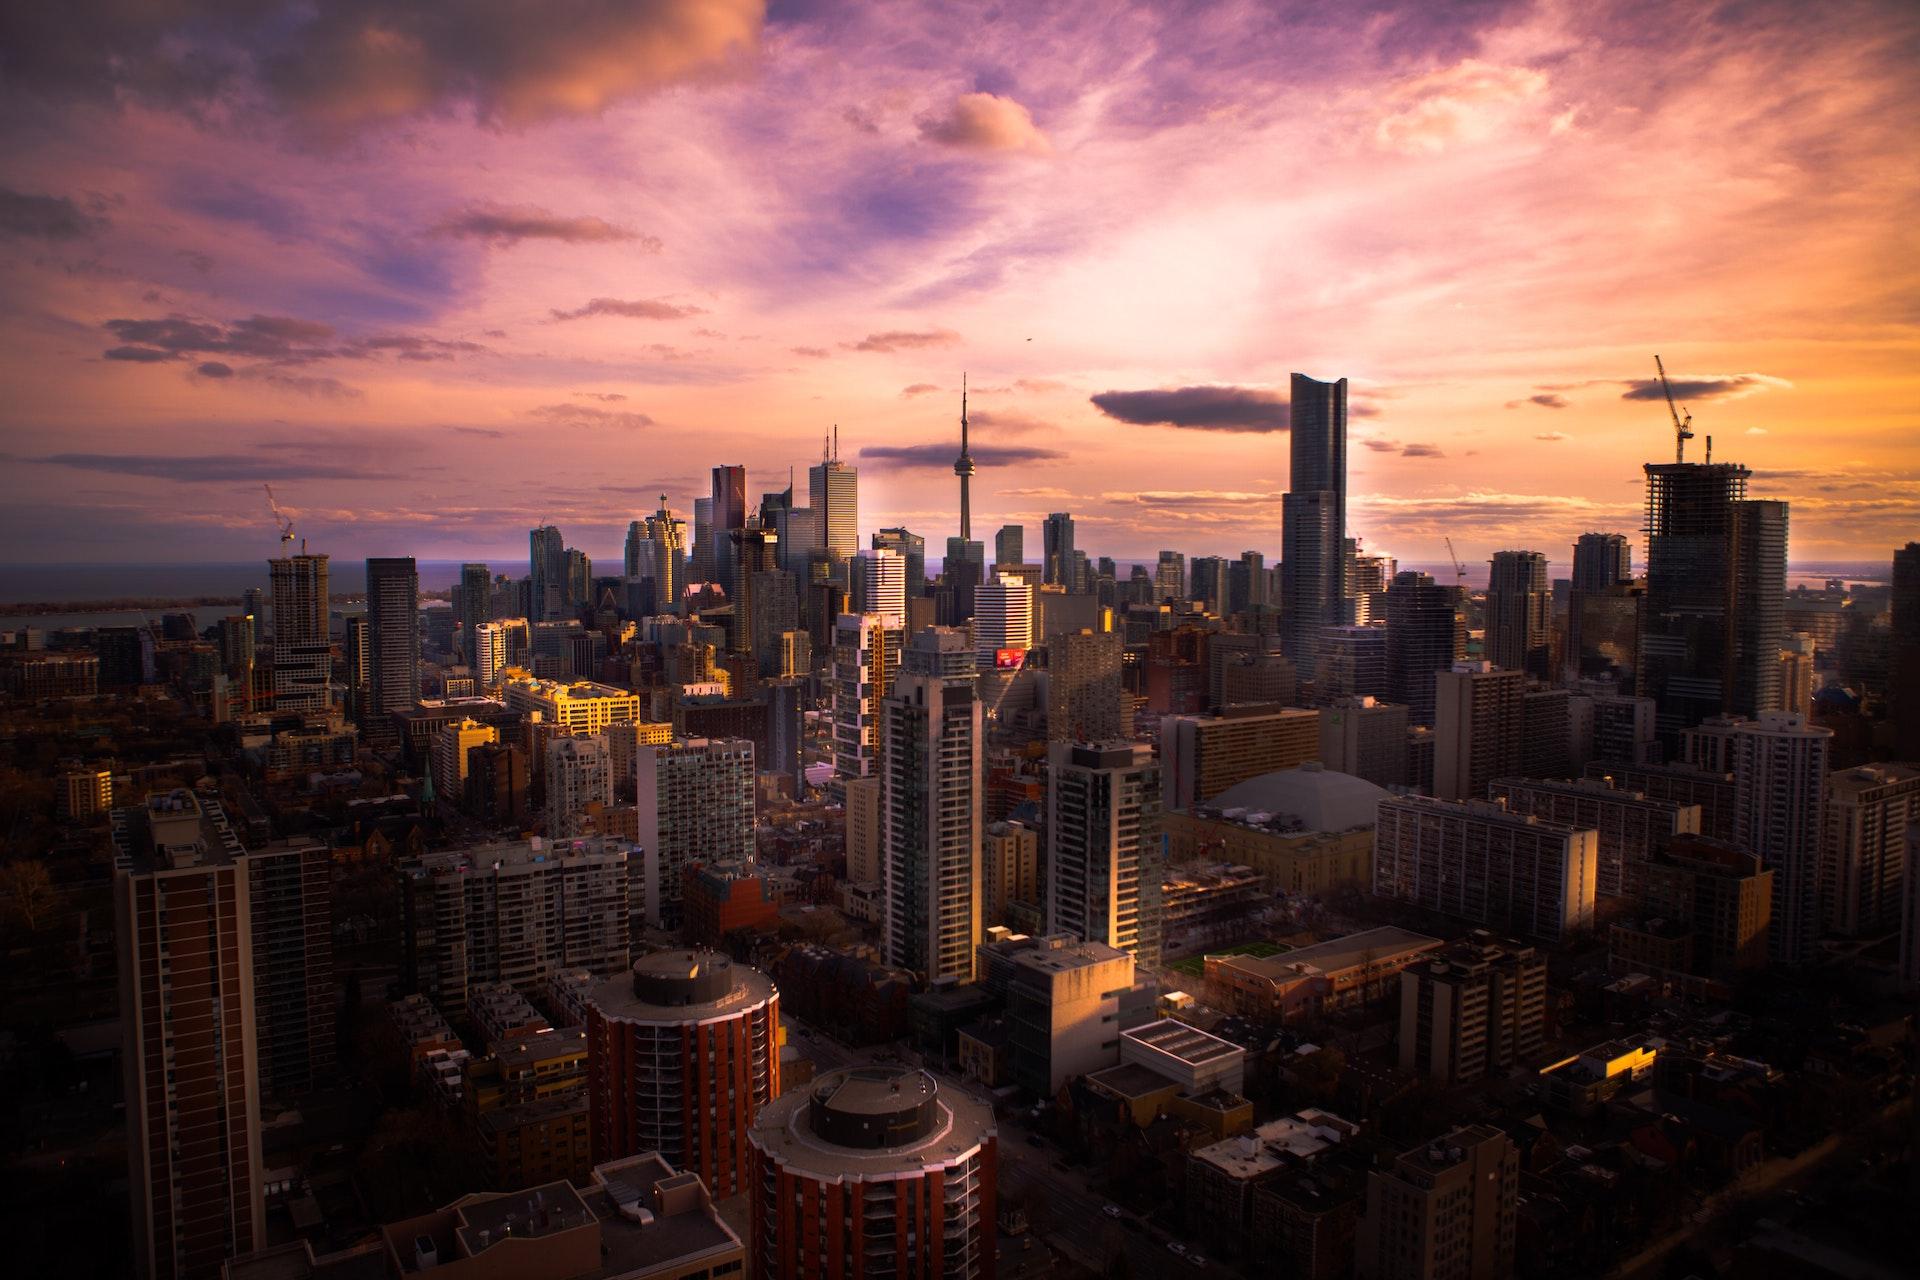 به باور کارشناسان بالا رفتن قیمت مسکن بعد از رکود پاندمی می تواند منجر به افزایش فاصله طبقاتی در کانادا شود